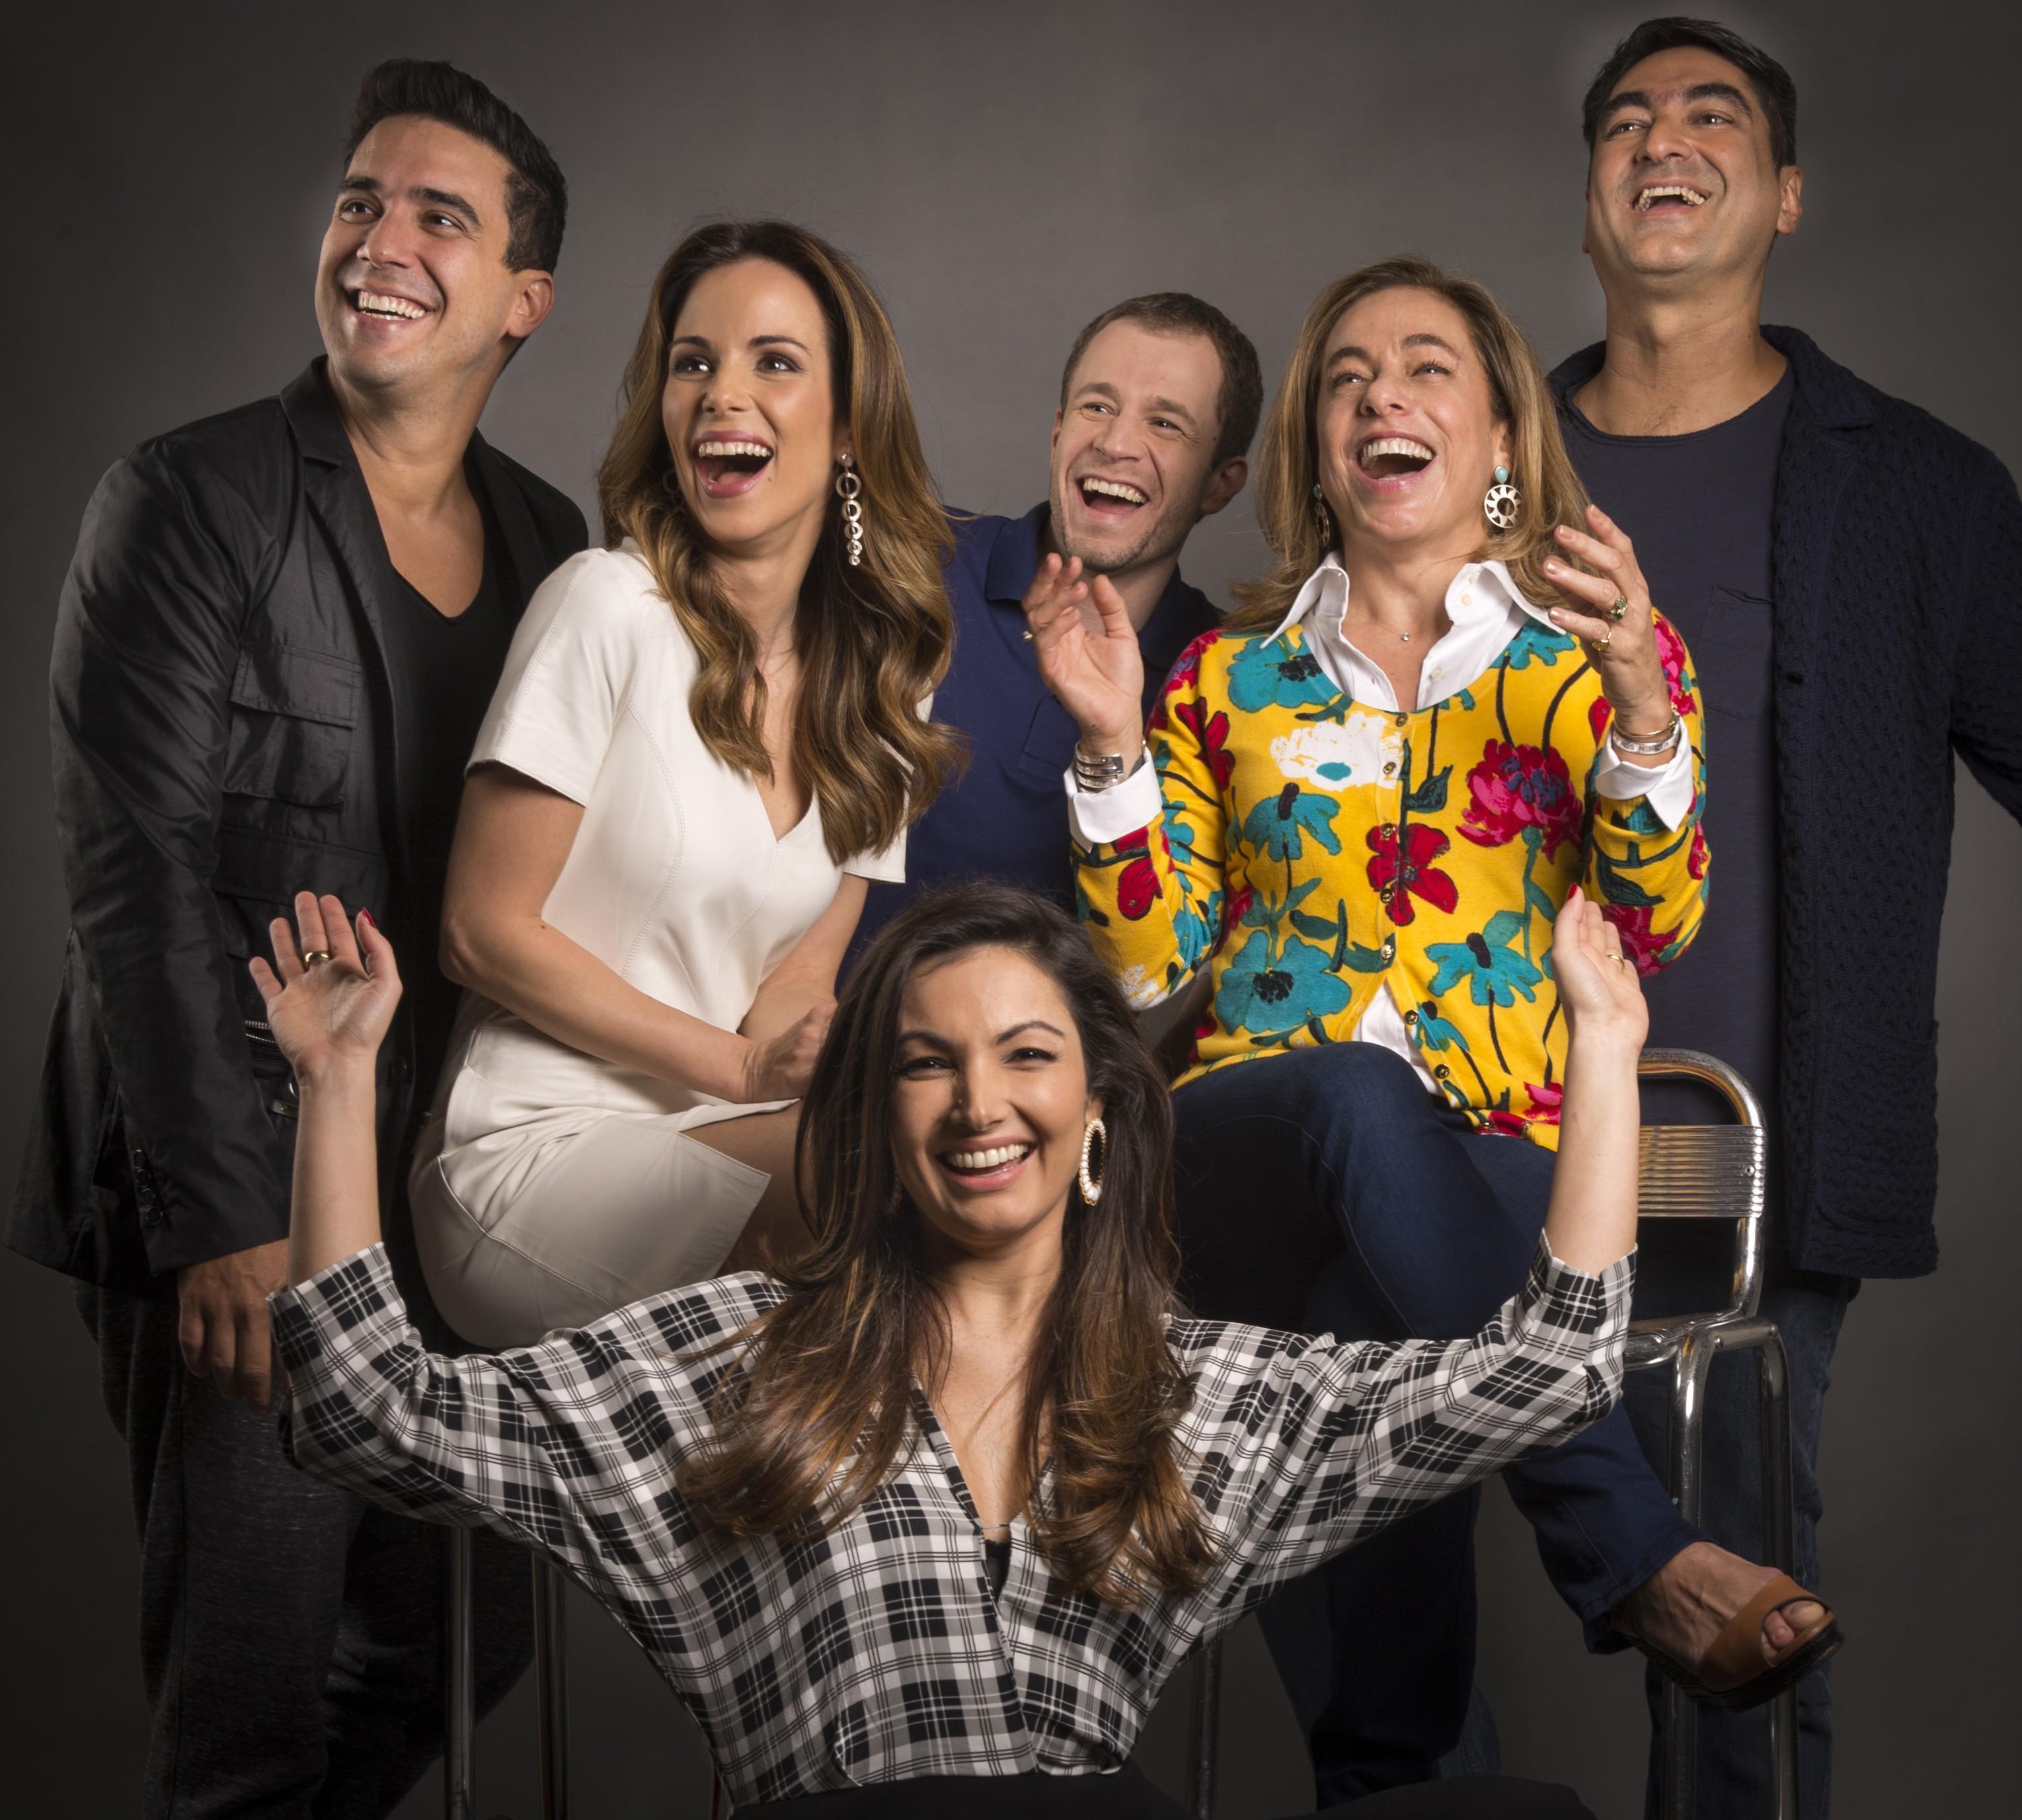 Os apresentadores do programa que já 'É de casa' (Foto: Divulgação)